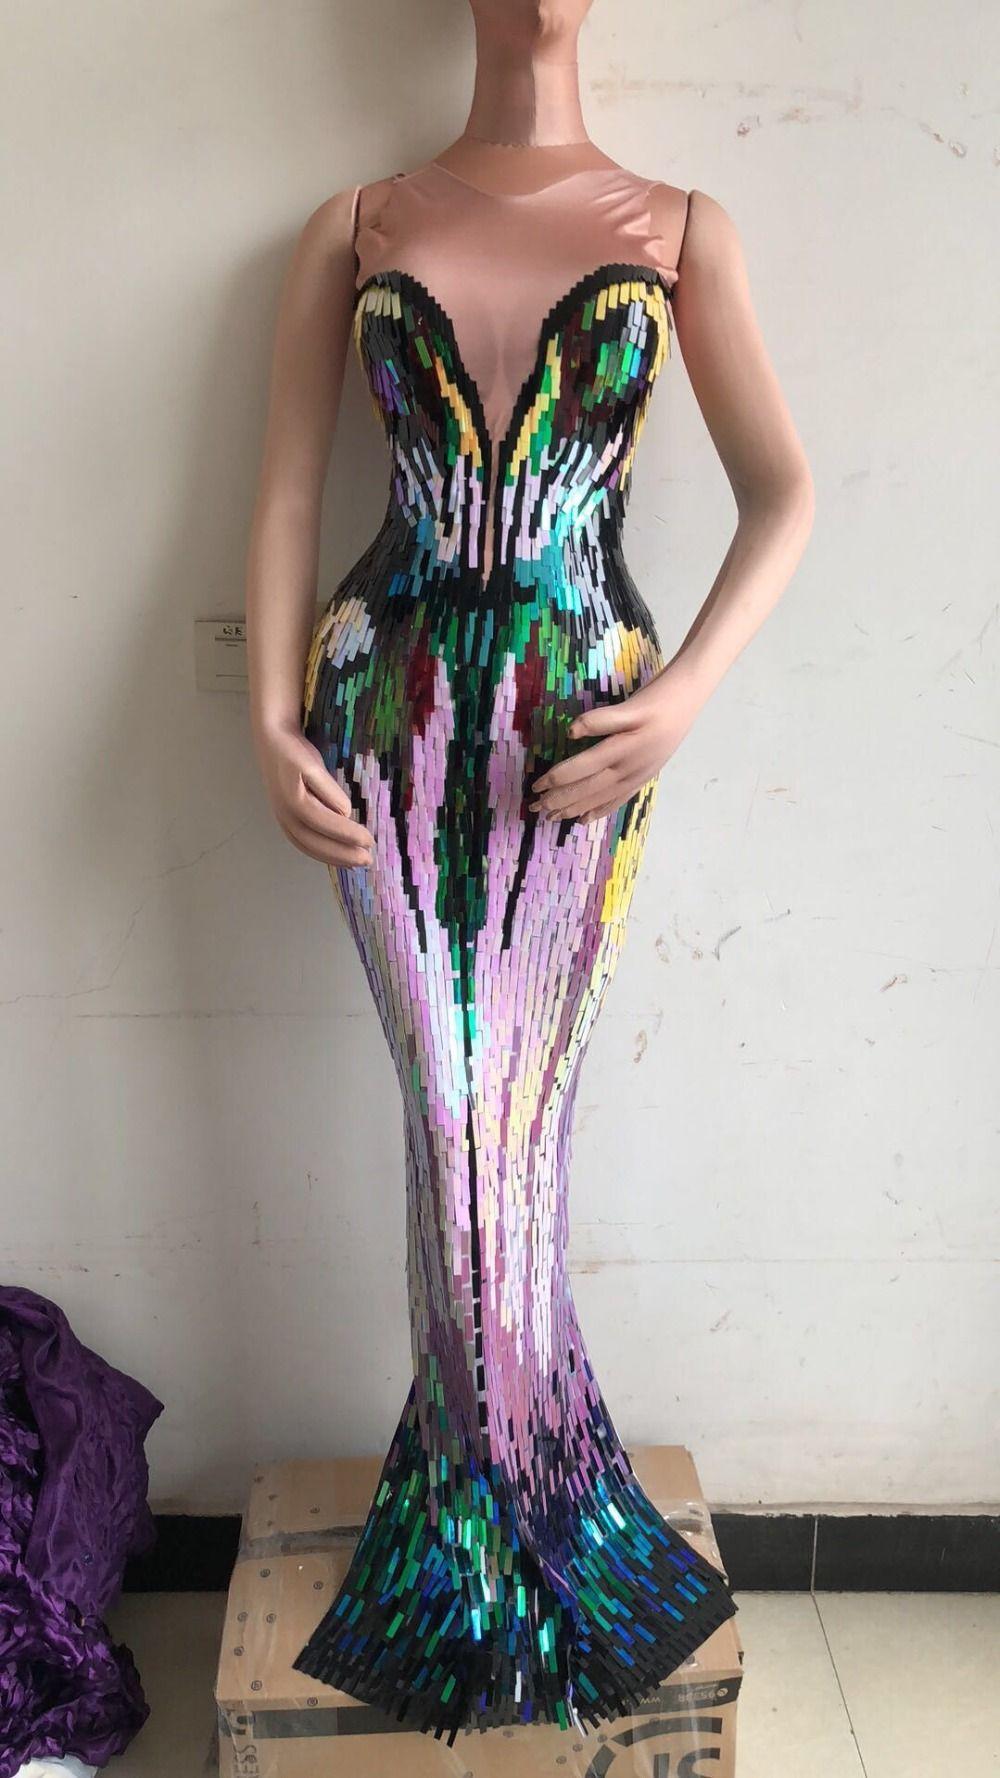 großhandel bunte pailletten langes kleid damen abend party wear luxuriöse  stretch kleid prom geburtstag feiern weibliche sängerin kleider von